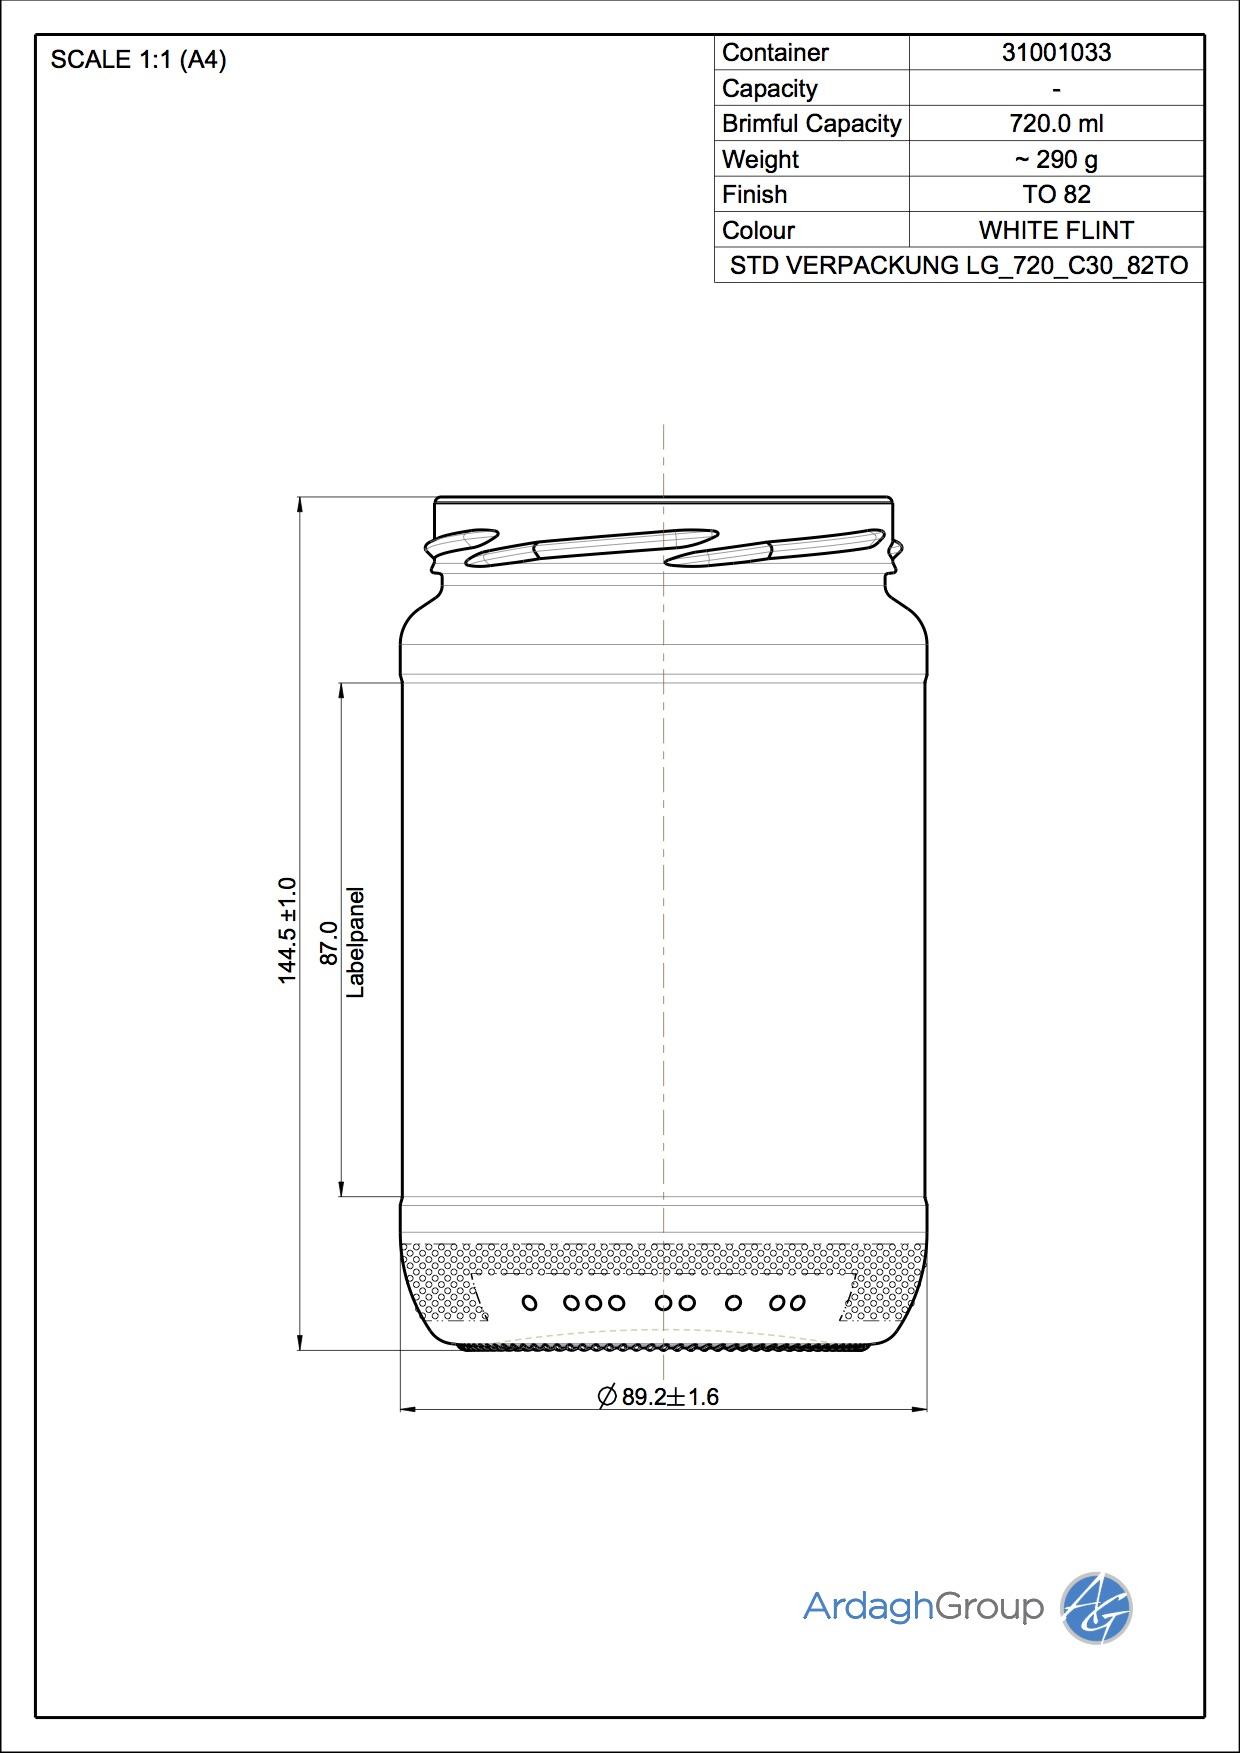 Verpackungsglas LG 720 C30 82TO